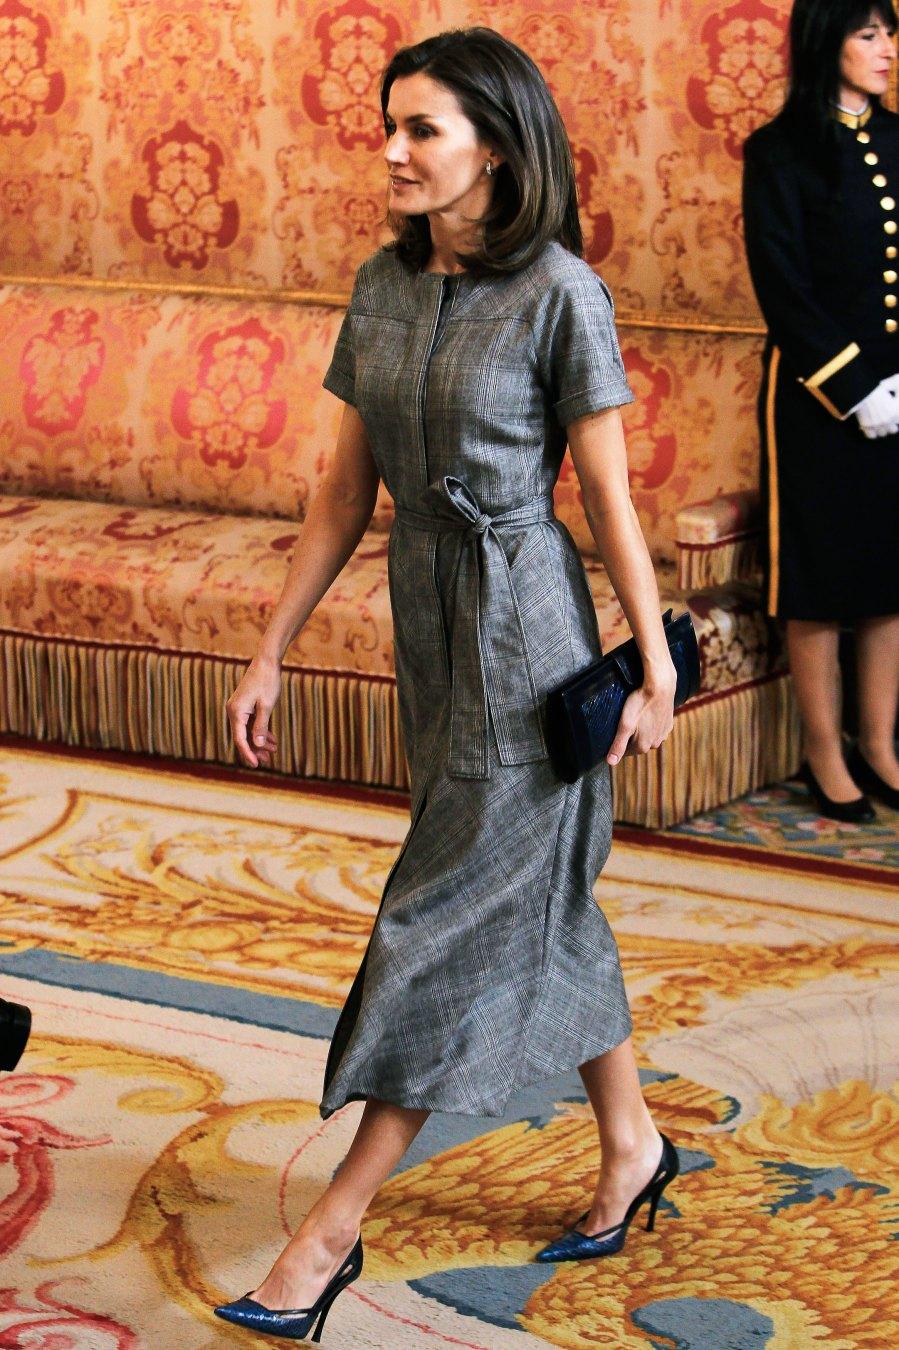 Queen-Letizia-Ortiz-of-Spain-gray-dress-1